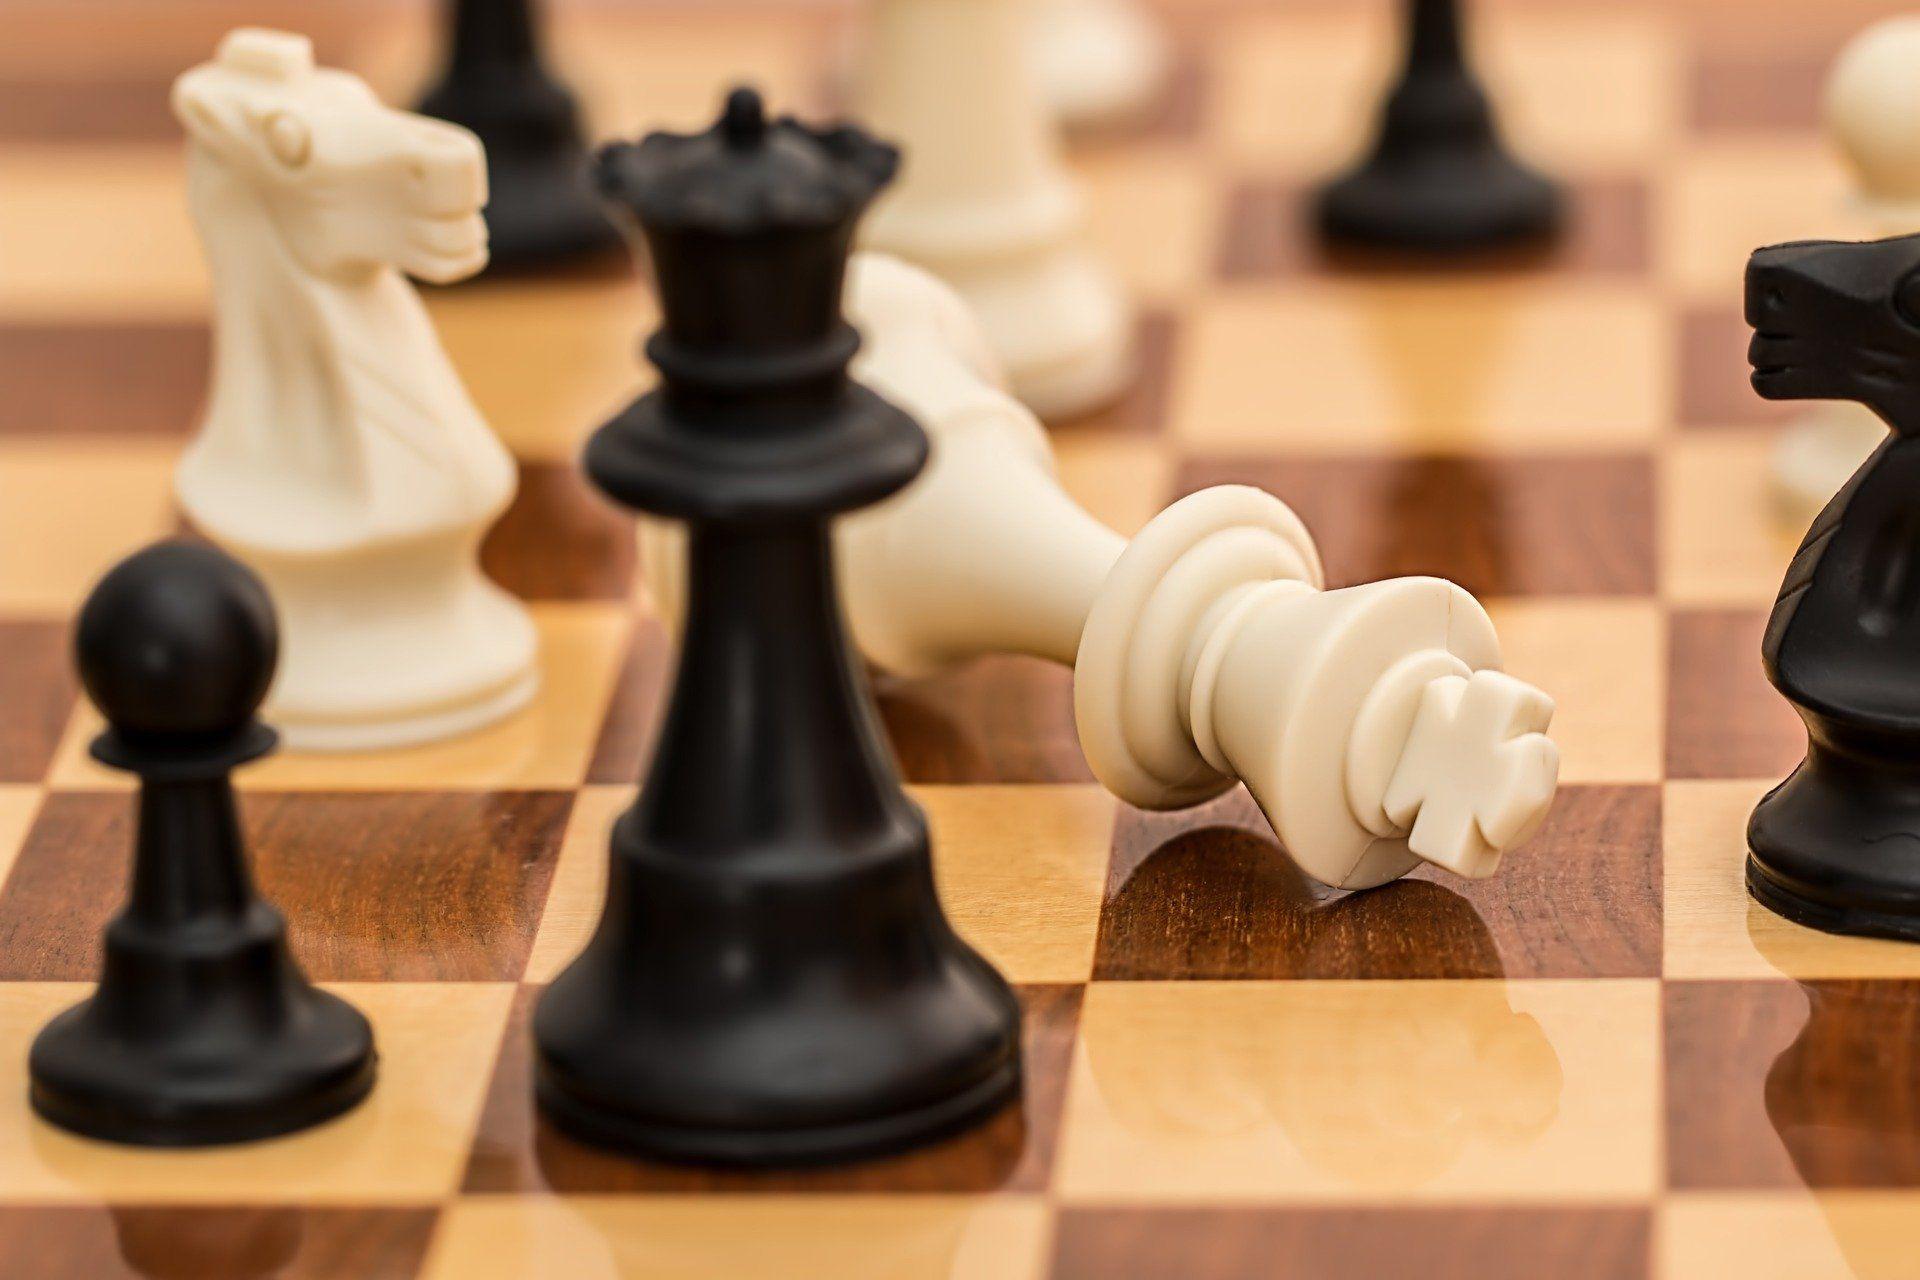 Jorden (21) eerste Nederlandse winnaar in 35 jaar van het grootste schaaktoernooi ter wereld